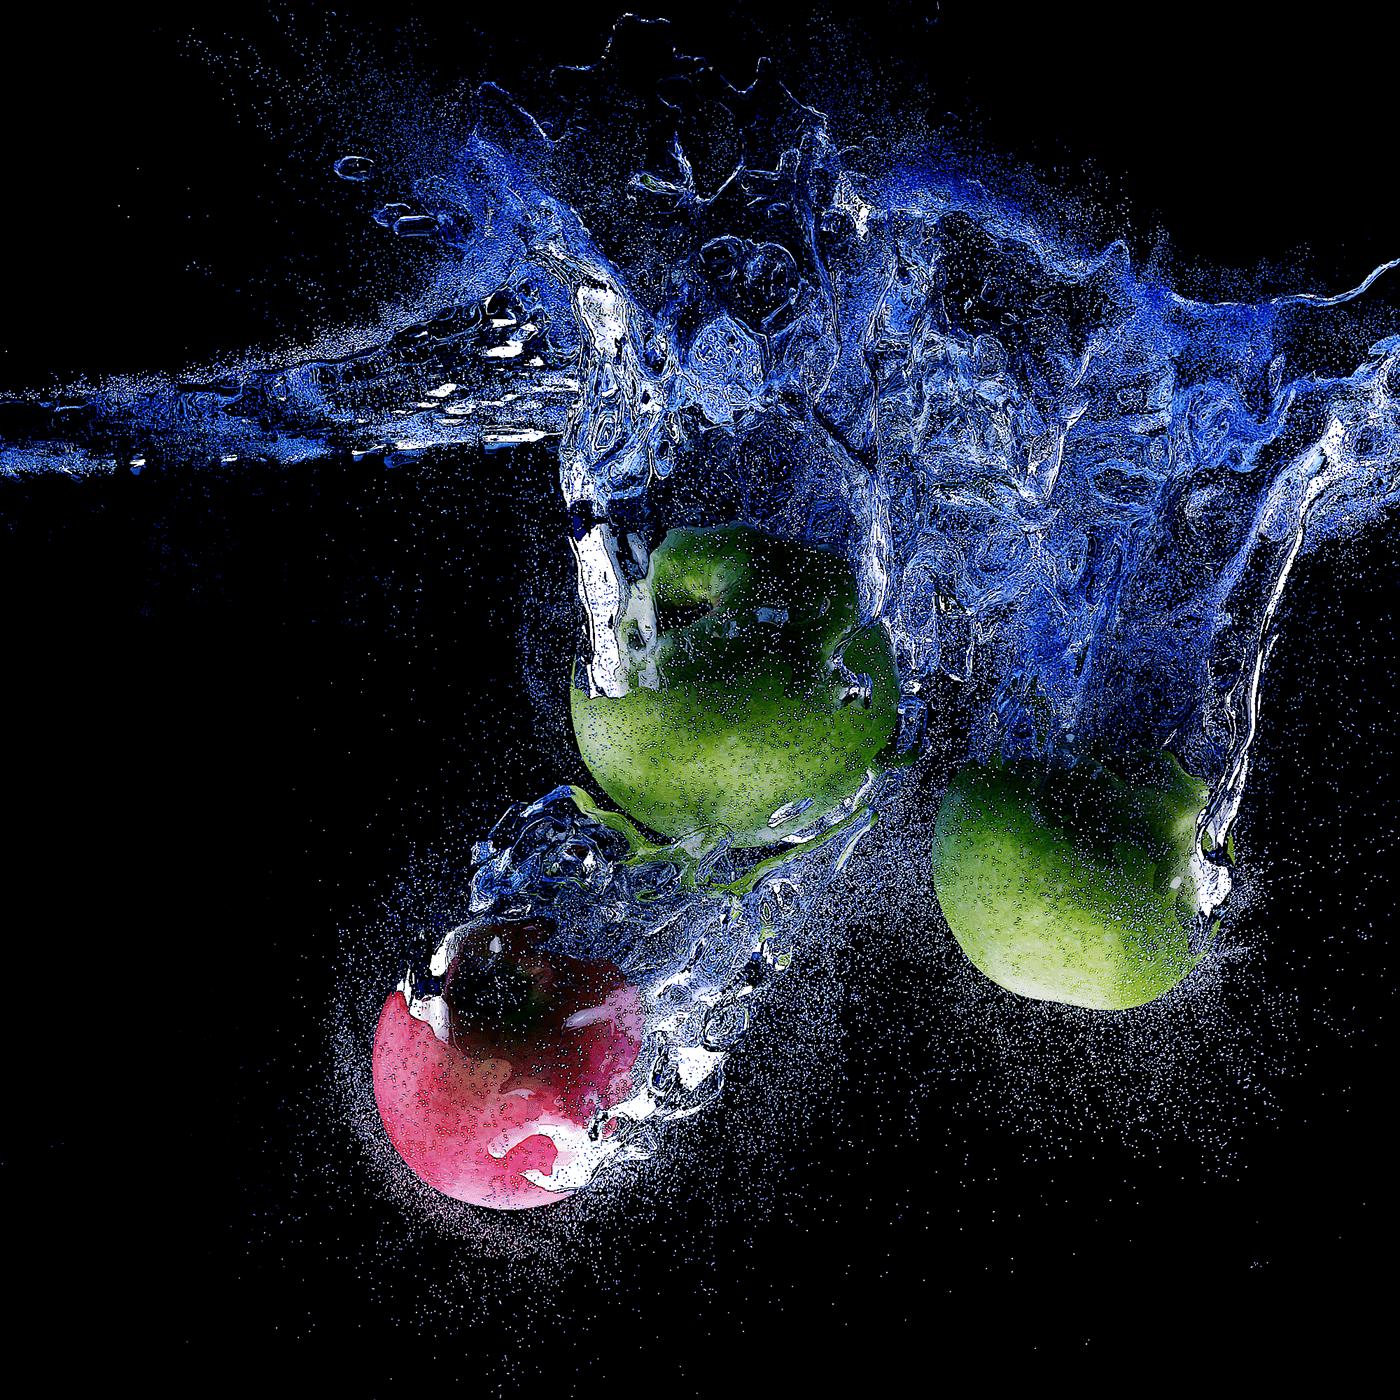 blender CGI fluidsimulation Fruit Render splash